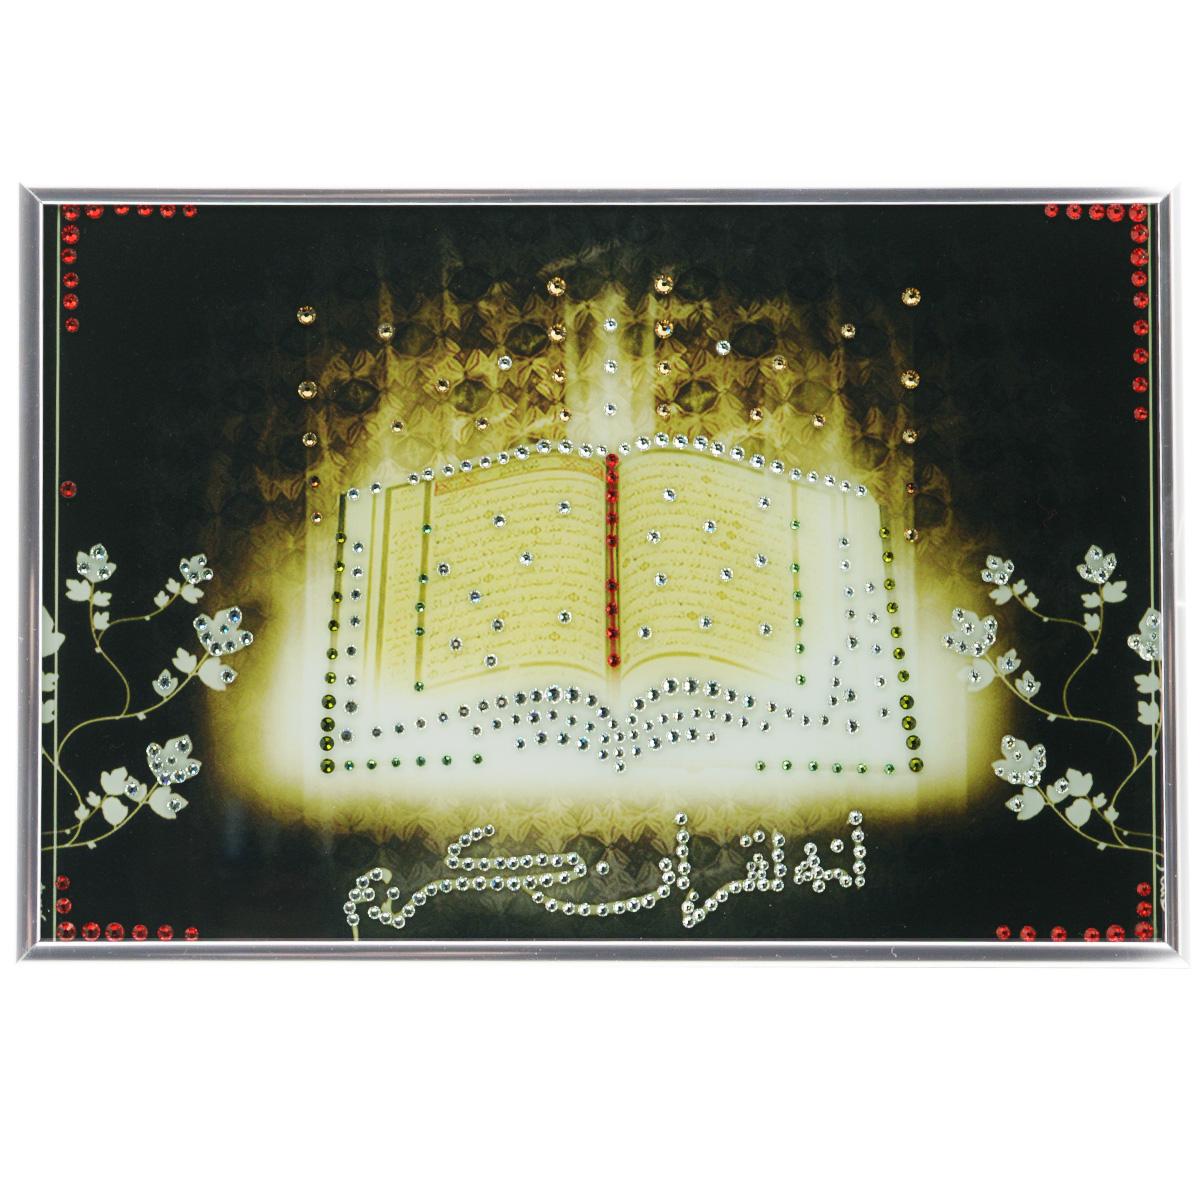 Картина с кристаллами Swarovski Коран, 31 х 21 см1181Изящная картина в металлической раме, инкрустирована кристаллами Swarovski, которые отличаются четкой и ровной огранкой, ярким блеском и чистотой цвета. Красочное изображение книги и цветочных узоров, расположенное под стеклом, прекрасно дополняет блеск кристаллов. С обратной стороны имеется металлическая петелька для размещения картины на стене. Картина с кристаллами Swarovski Коран элегантно украсит интерьер дома или офиса, а также станет прекрасным подарком, который обязательно понравится получателю. Блеск кристаллов в интерьере, что может быть сказочнее и удивительнее. Картина упакована в подарочную картонную коробку синего цвета и комплектуется сертификатом соответствия Swarovski.